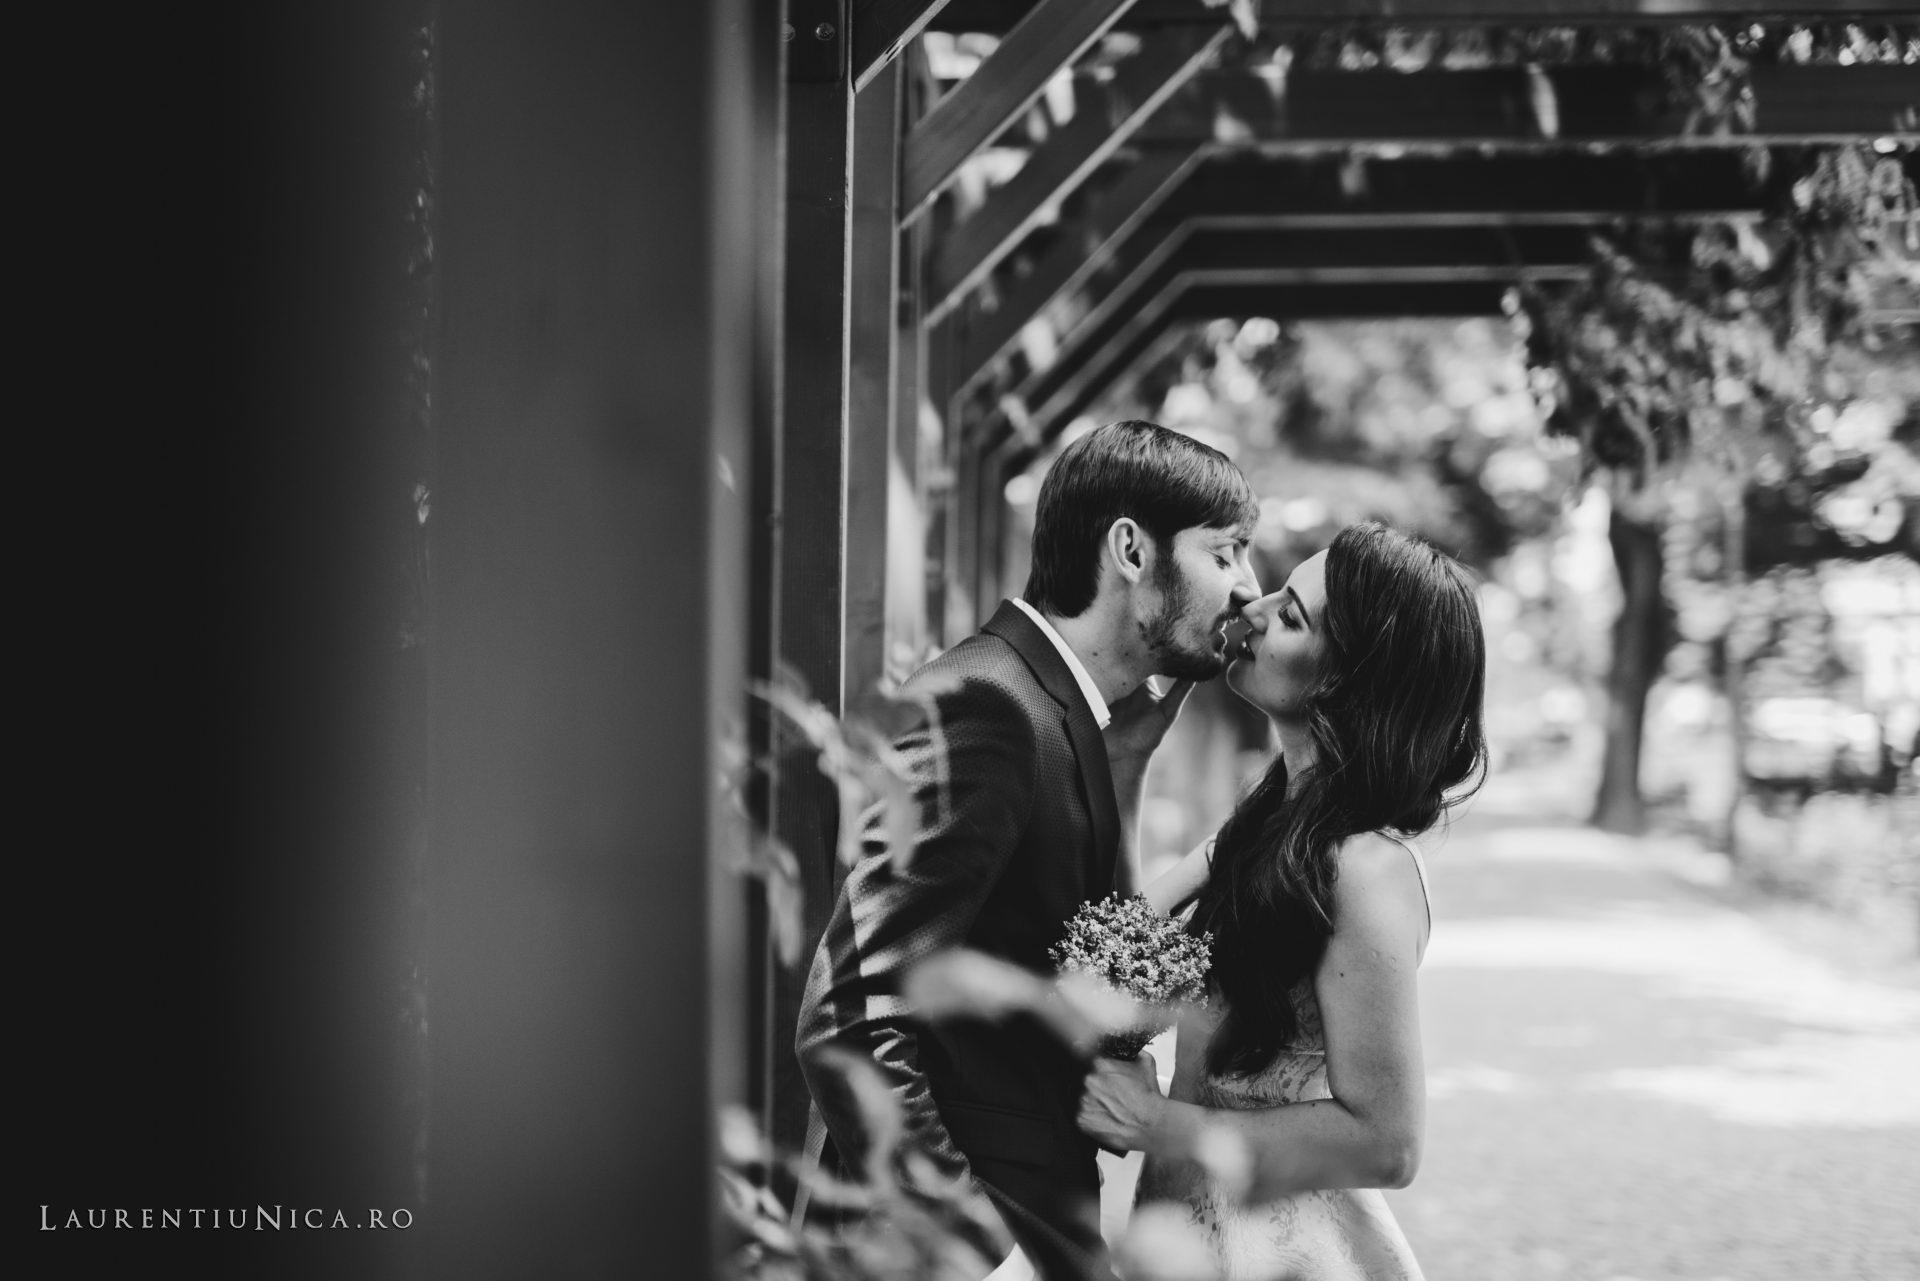 Cristina si Ovidiu nunta Craiova fotograf laurentiu nica 020 - Cristina & Ovidiu | Fotografii nunta | Craiova